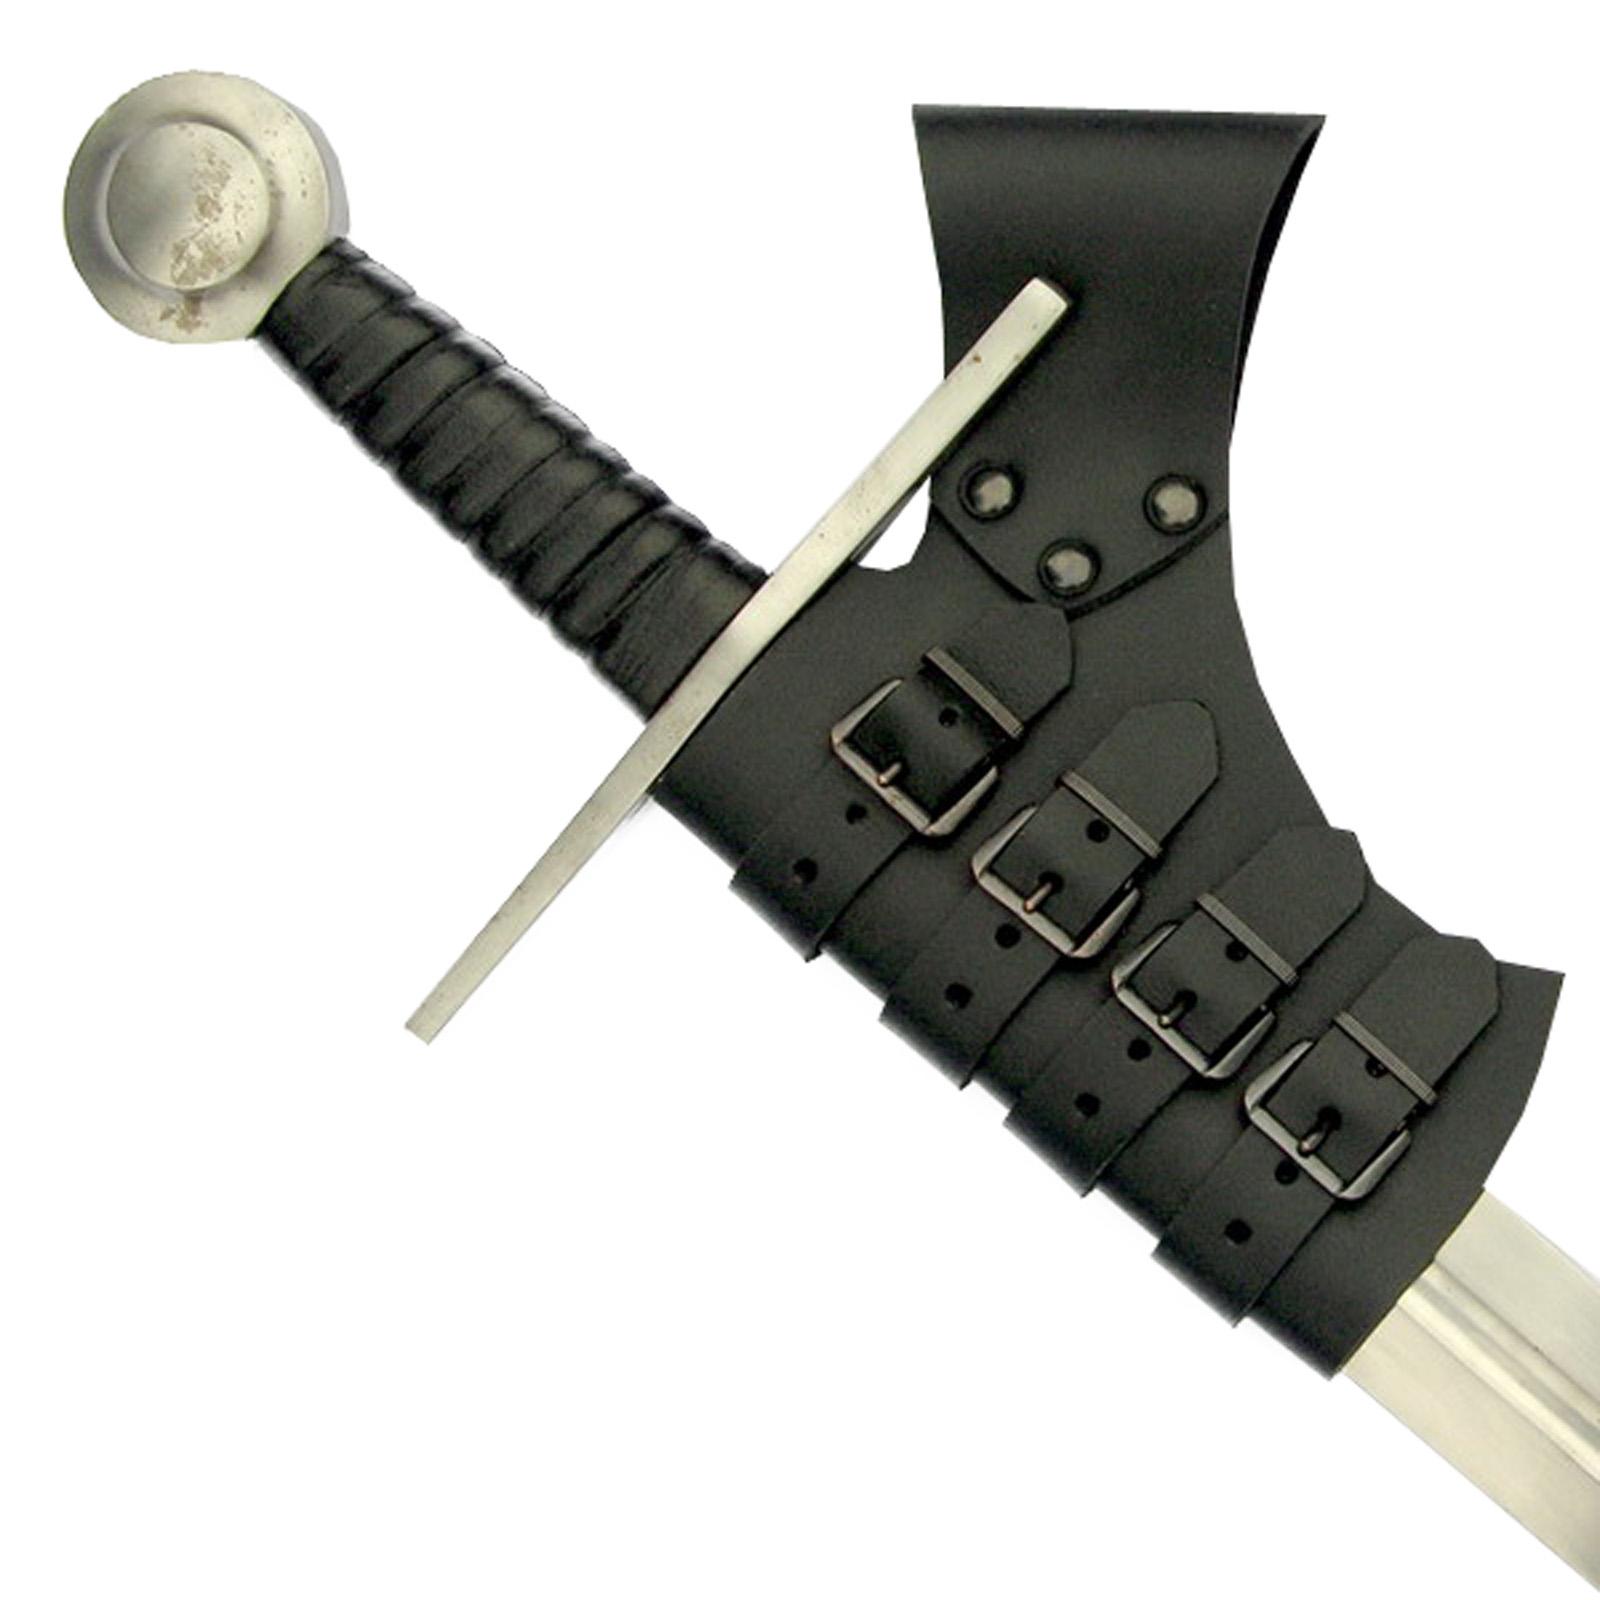 Schwerthalter mit Schnallen - schwarz